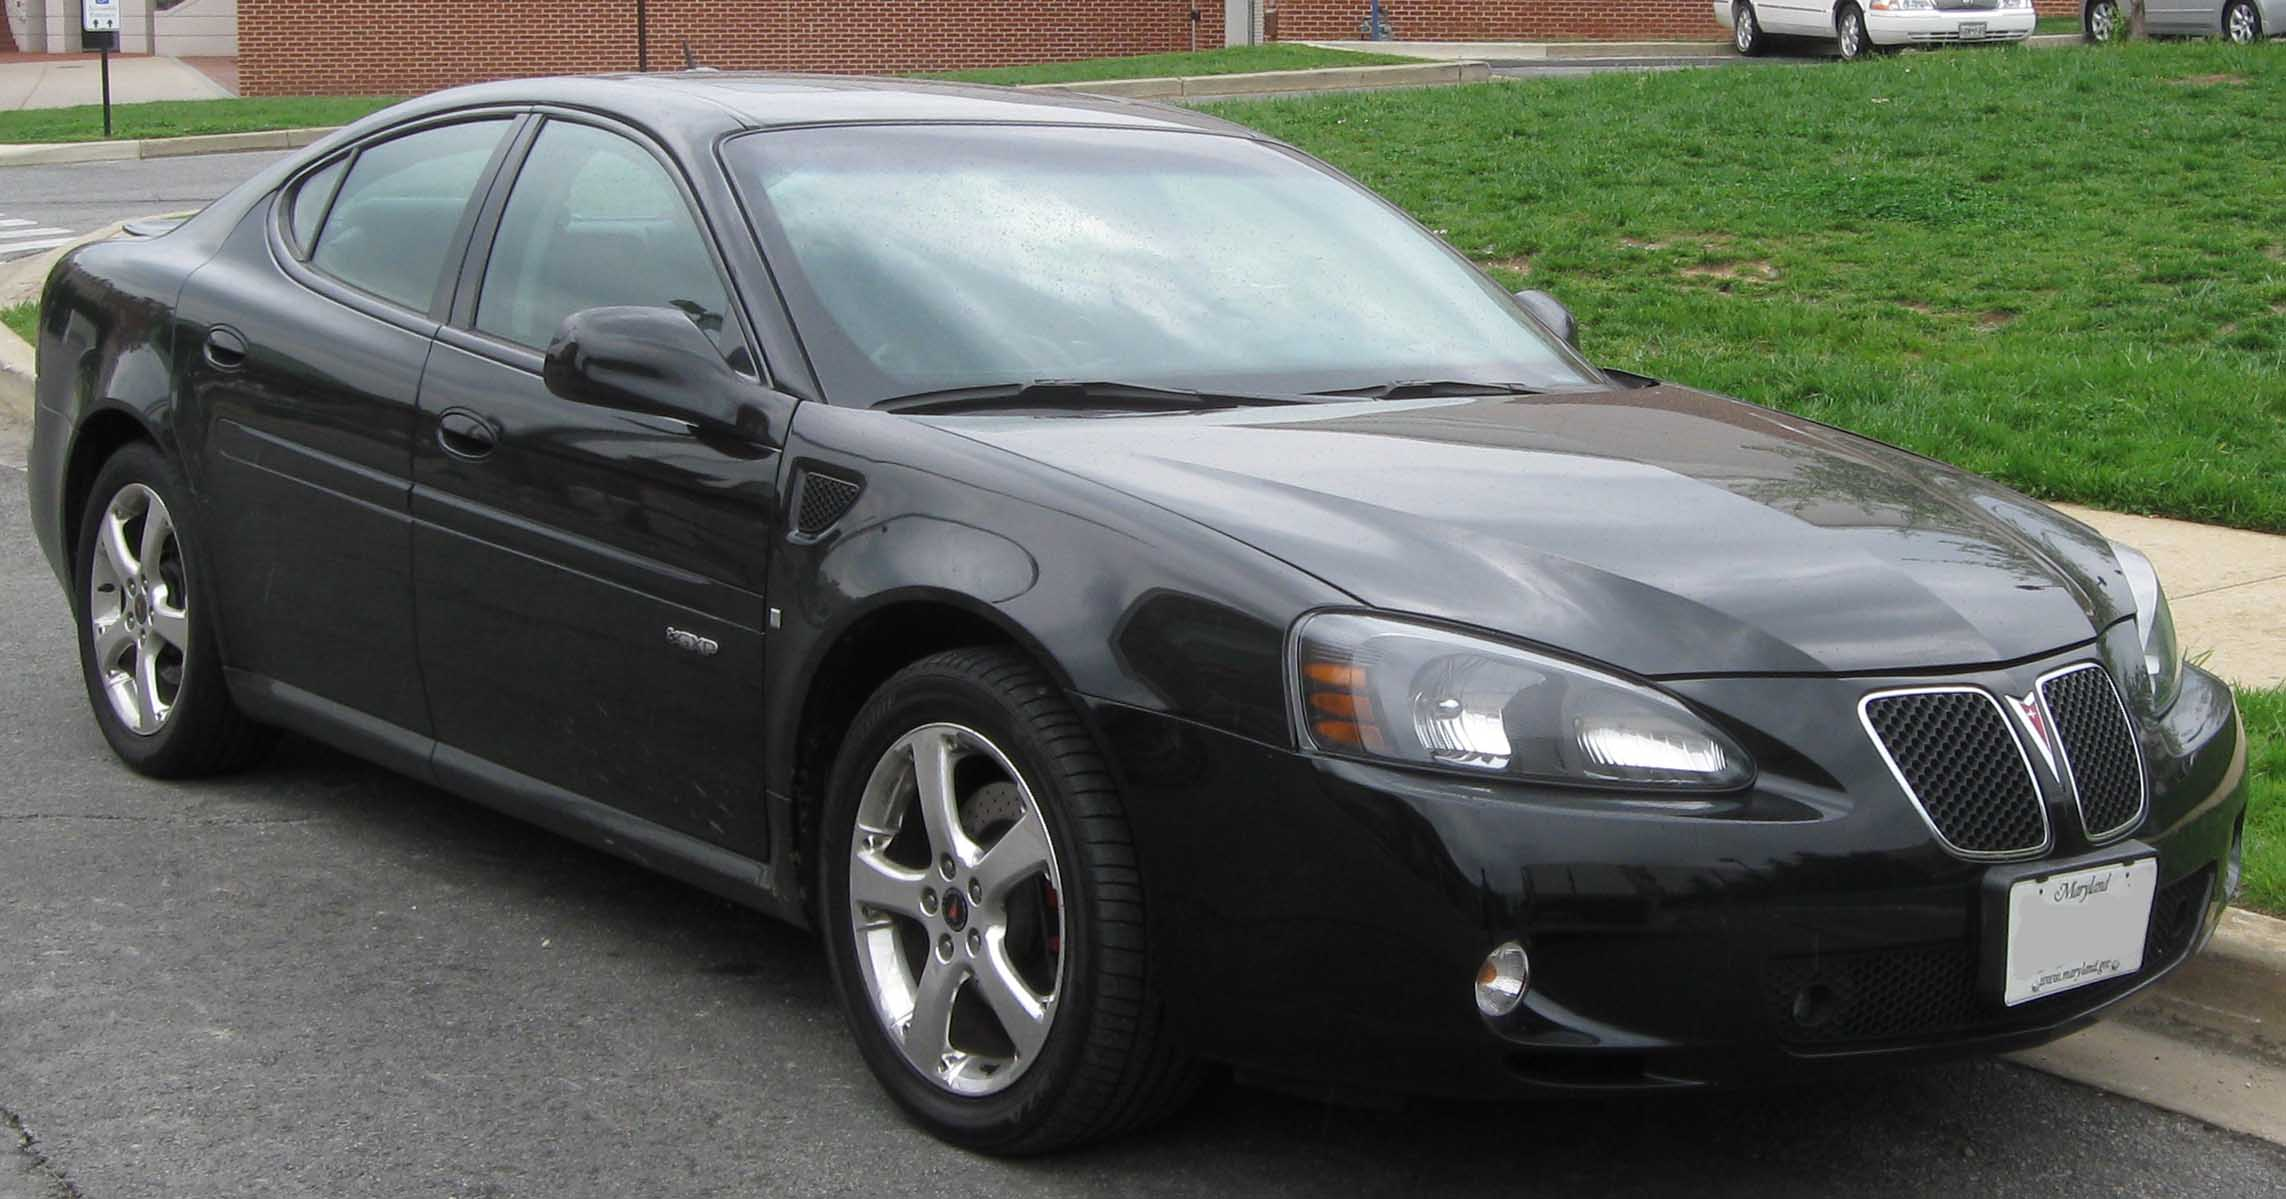 2011 Pontiac G6 Interior